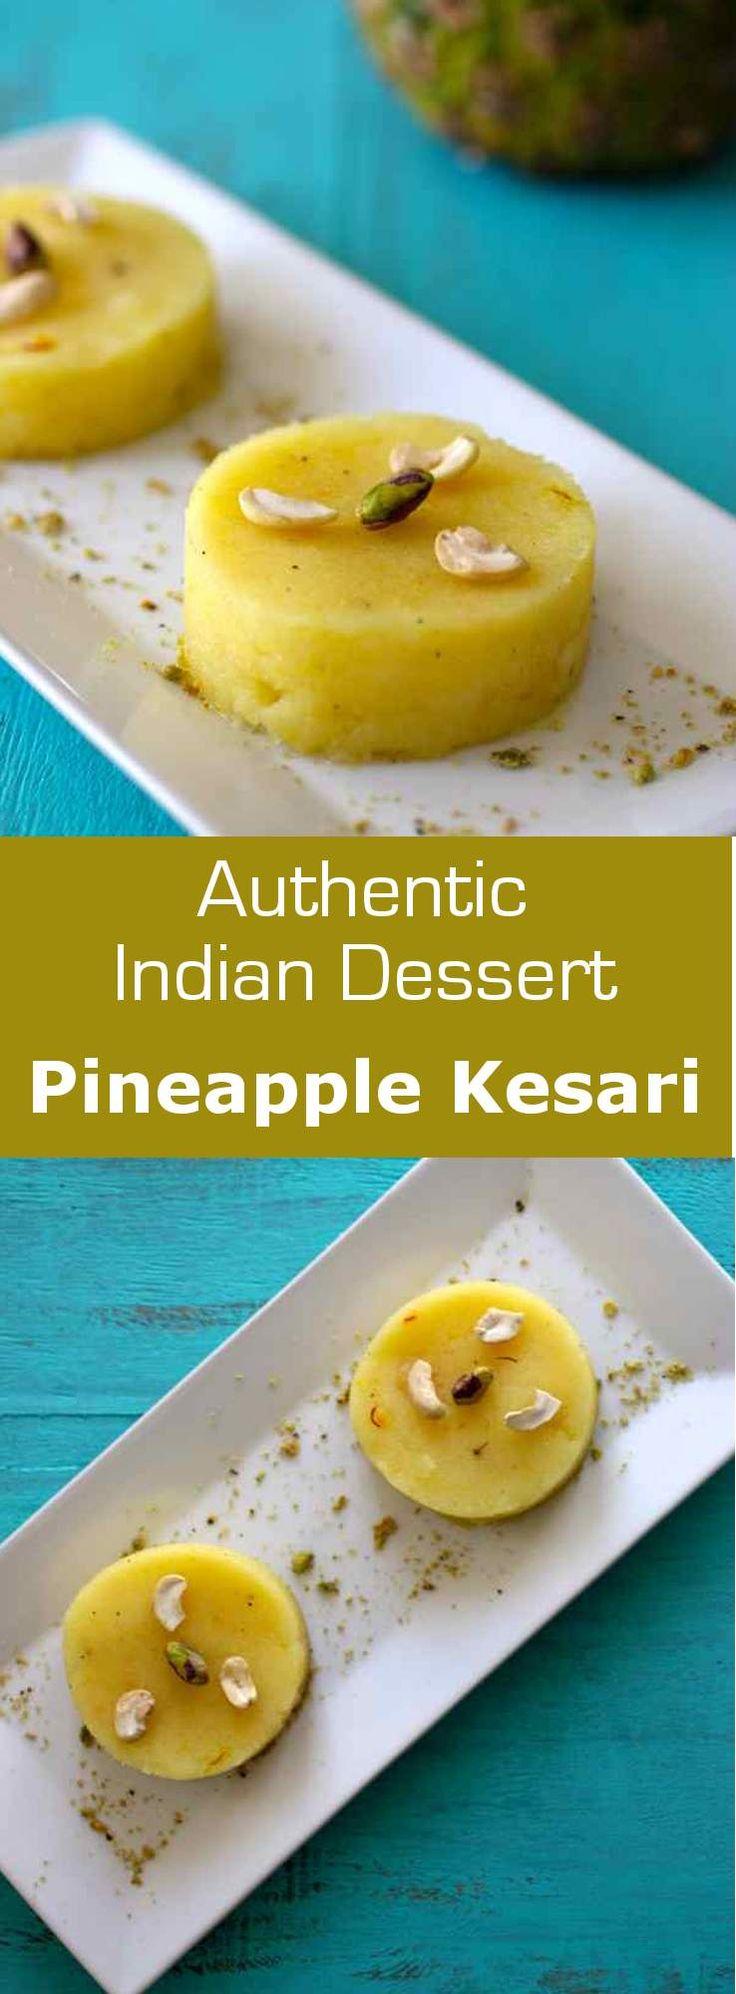 Pineapple kesari is a type of semolina porridge (rava kesari) flavored with cardamom, saffron and pineapple from India